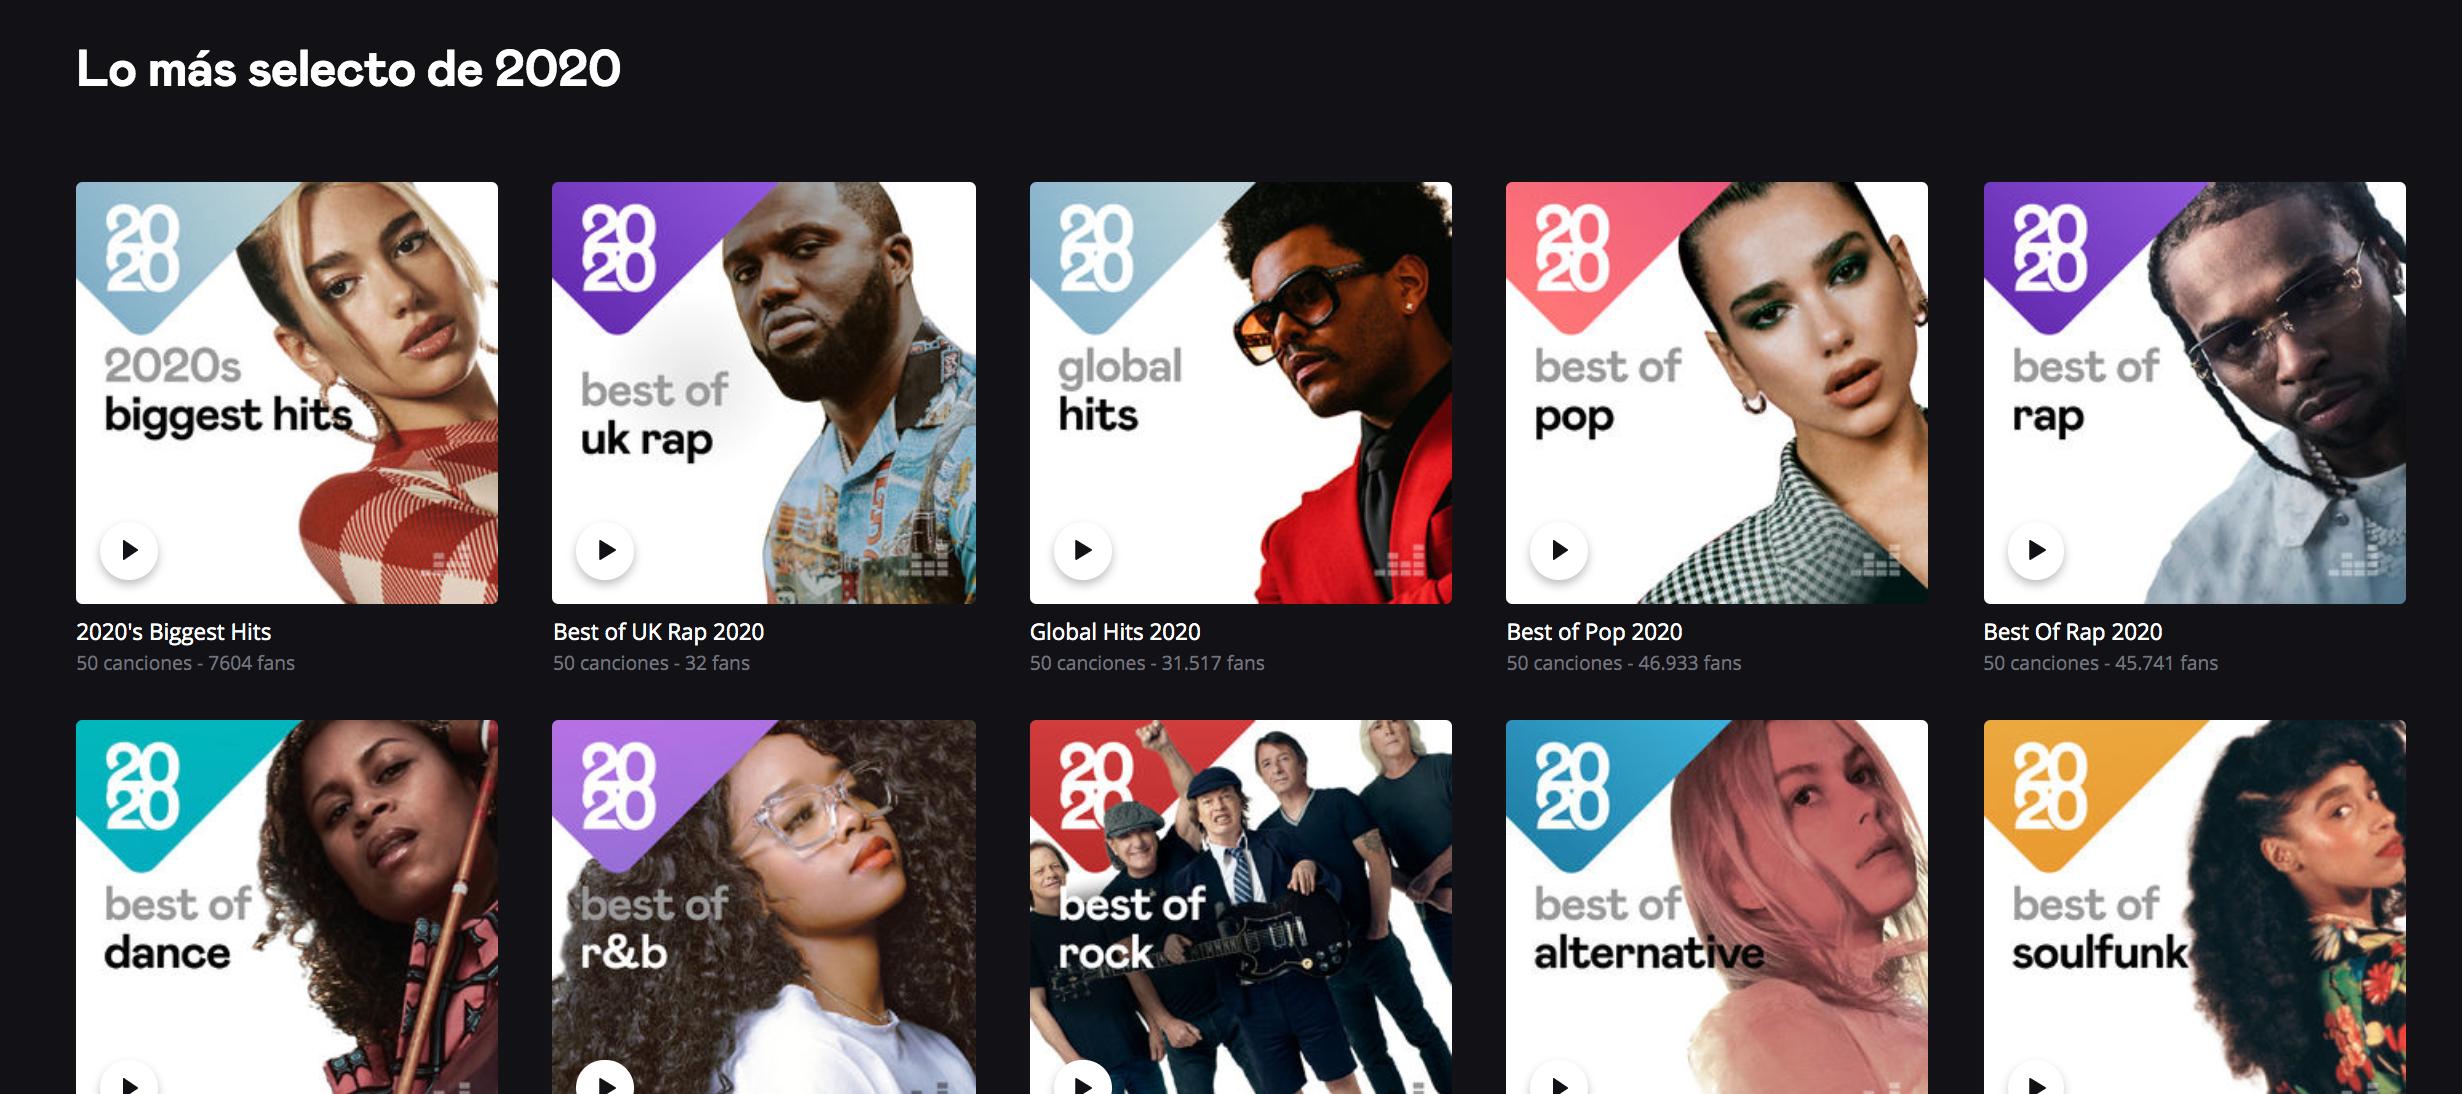 Top de artistas, albums y canciones del 2020 en Deezer